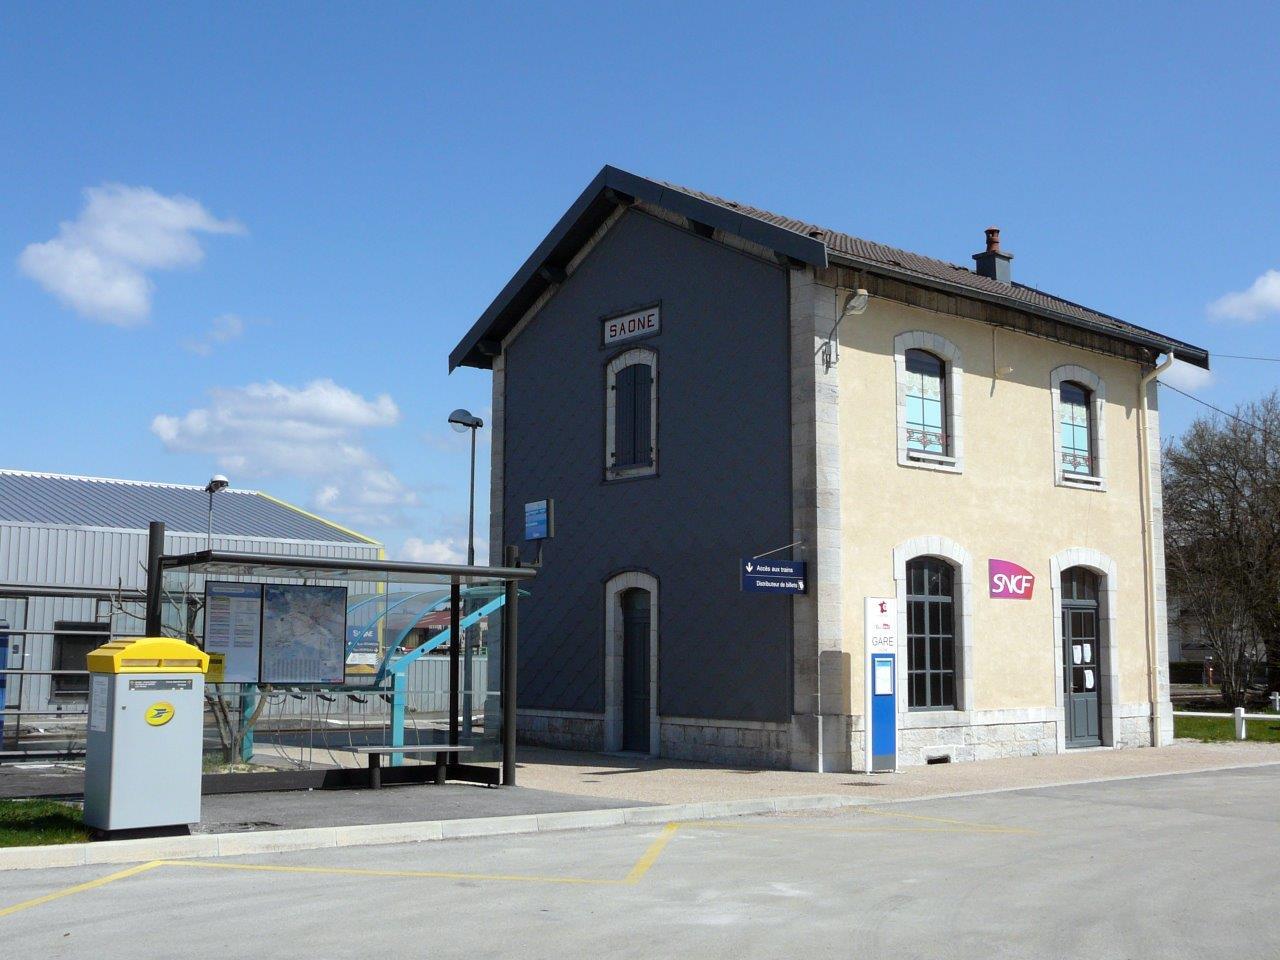 gare-de-saone-train-station